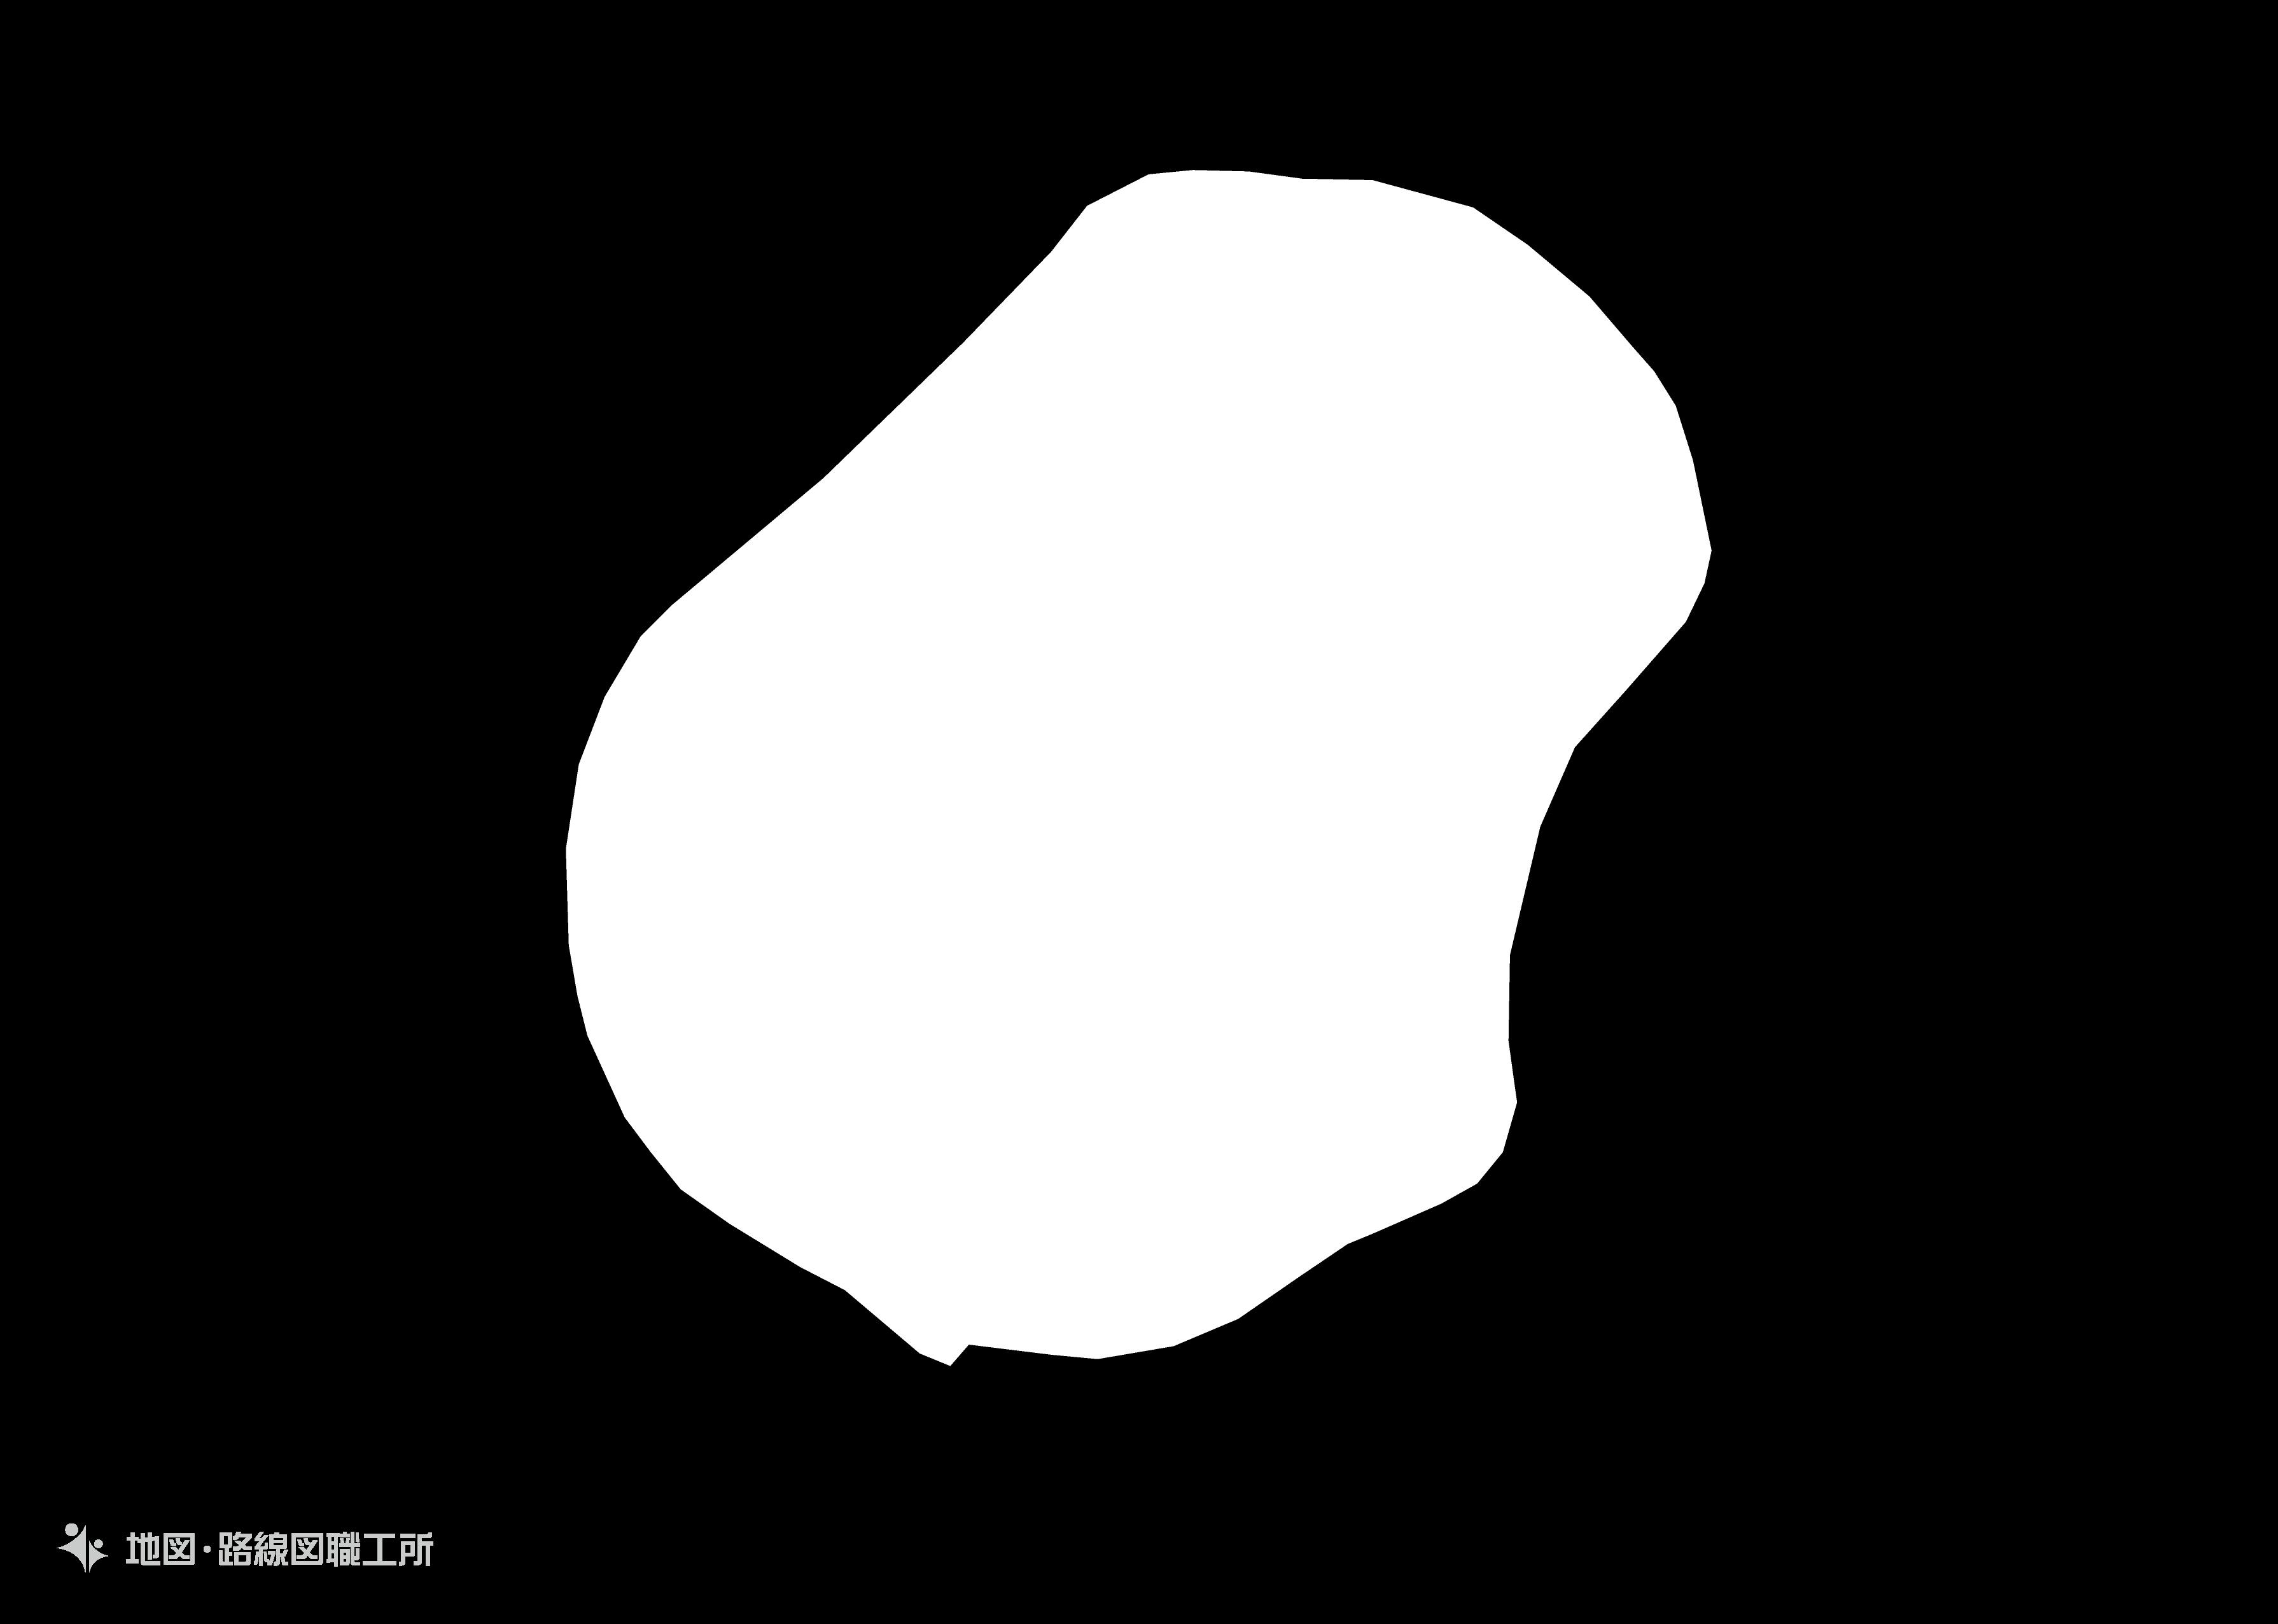 世界の白地図 ナウル共和国 republic-of-nauru map